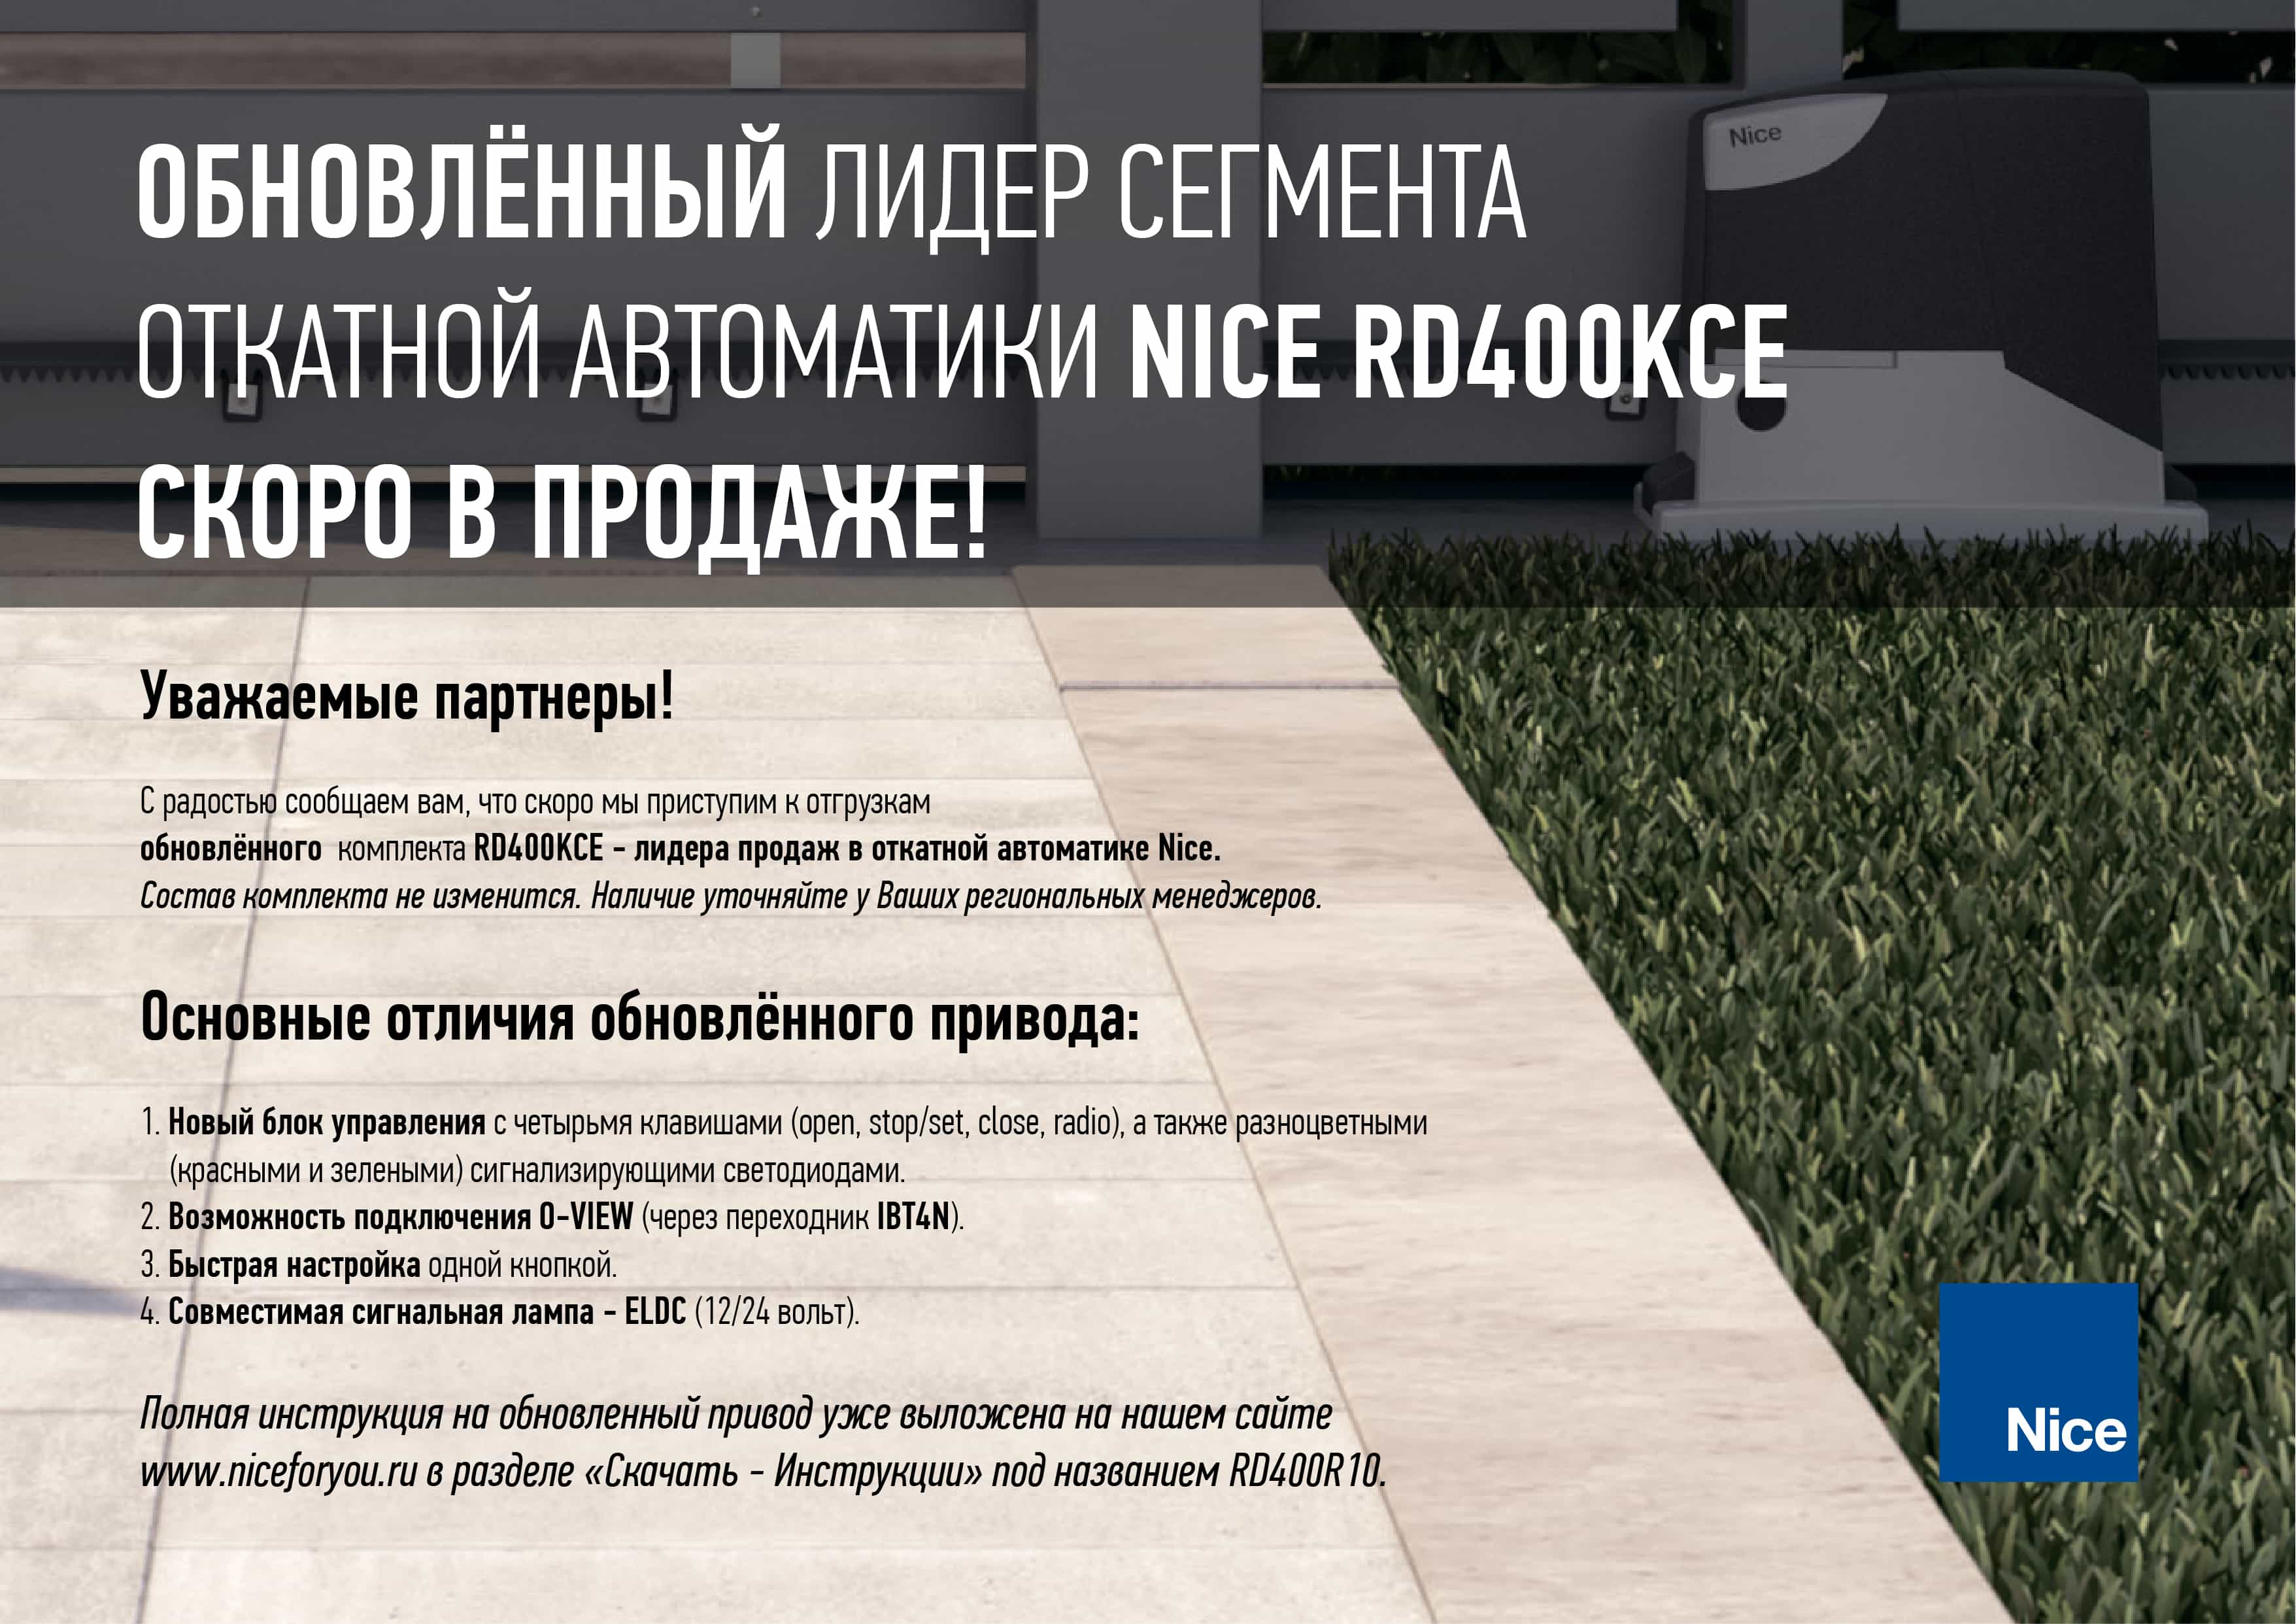 ОБНОВЛЁННЫЙ ЛИДЕР СЕГМЕНТА ОТКАТНОЙ АВТОМАТИКИ NICE RD400KCE СКОРО В ПРОДАЖЕ!